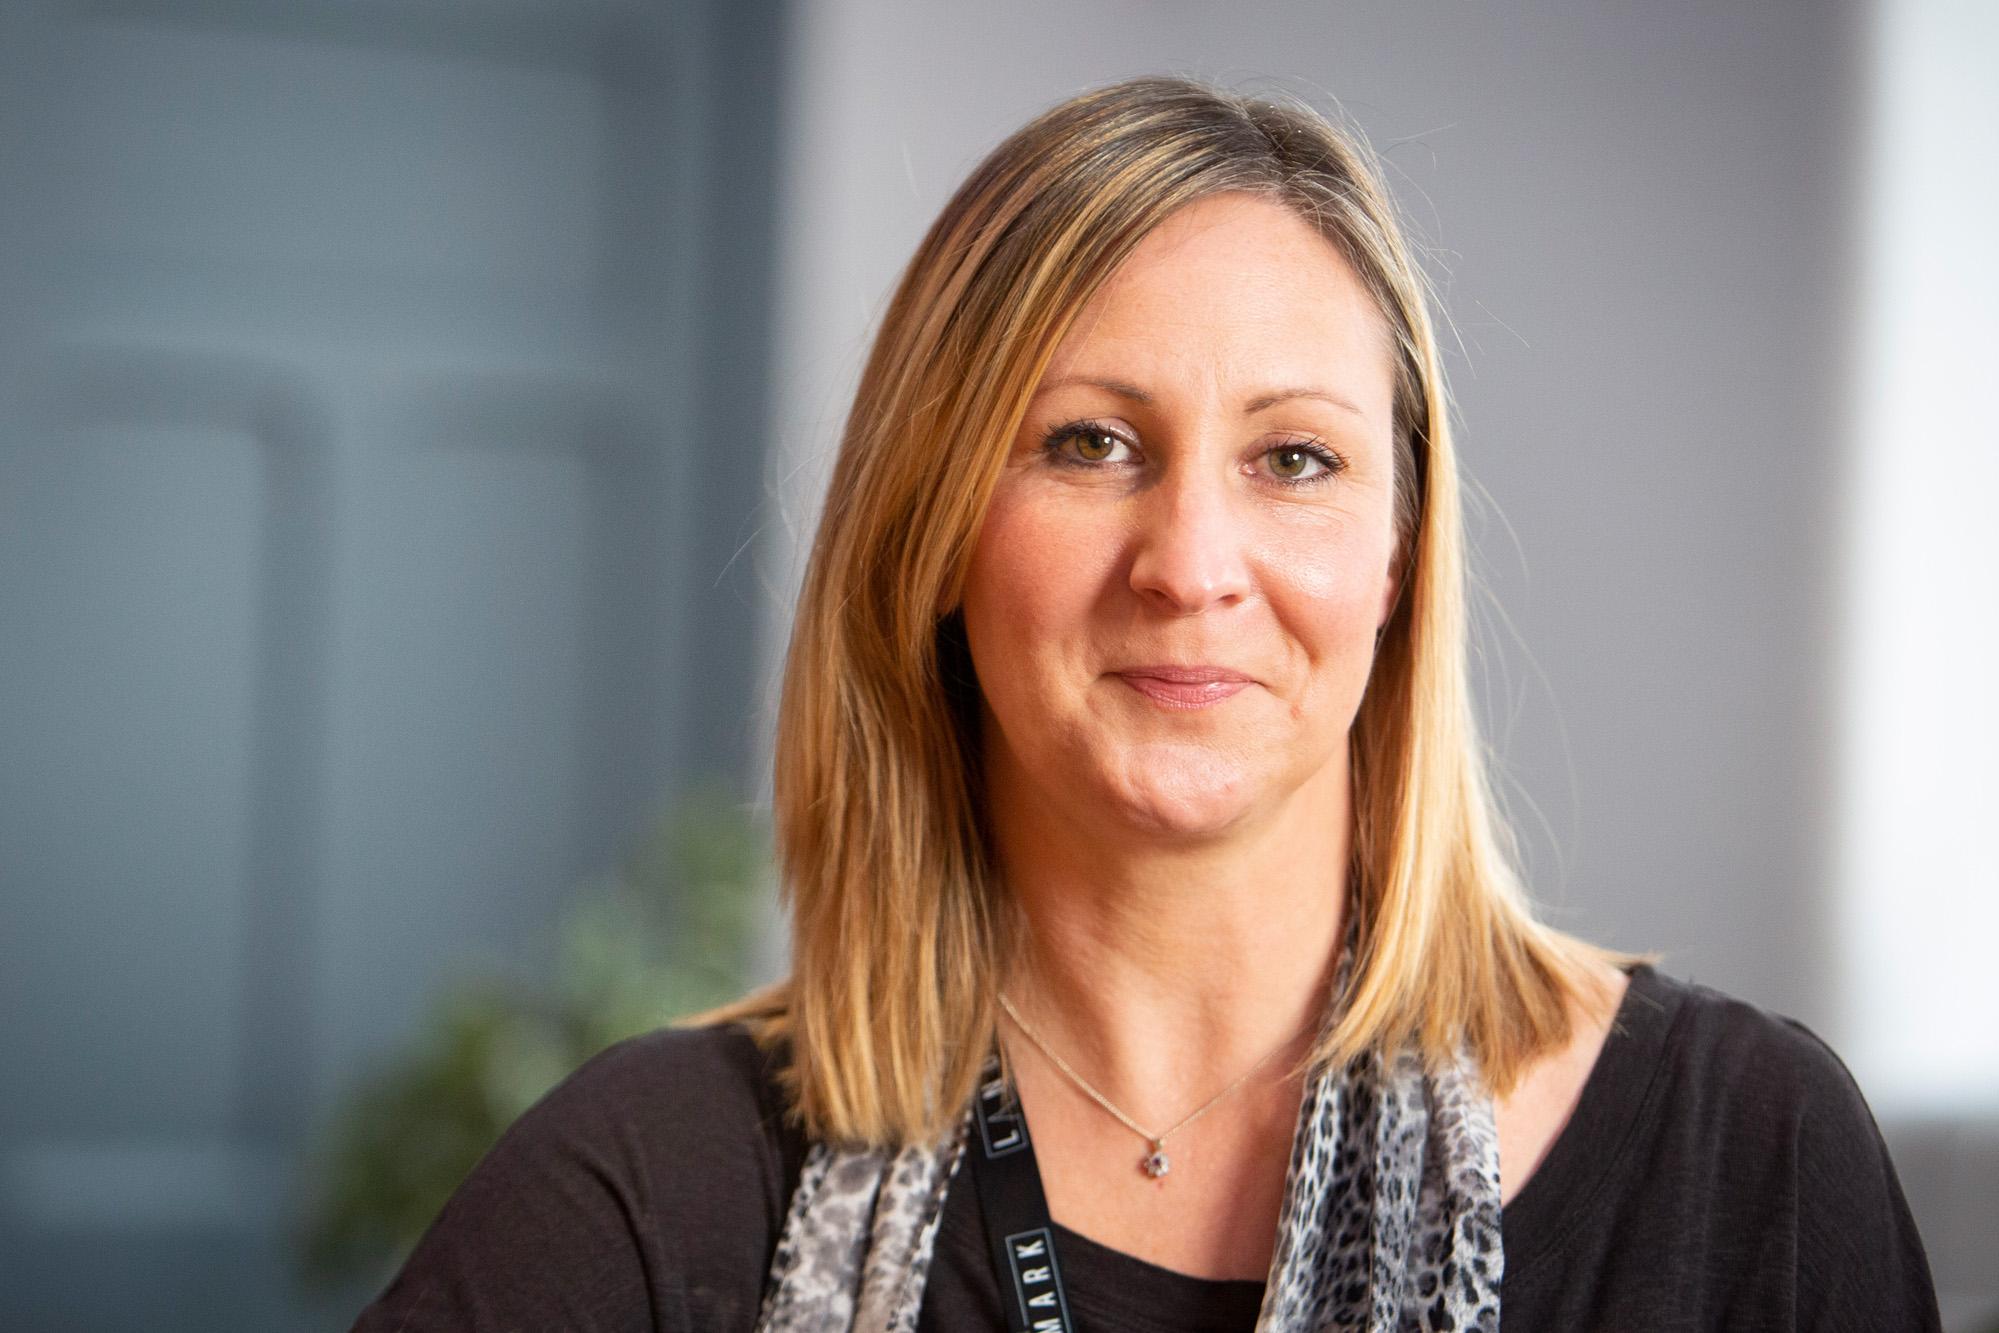 Rebecca Lindley, Director, Disruptive Focus Ltd